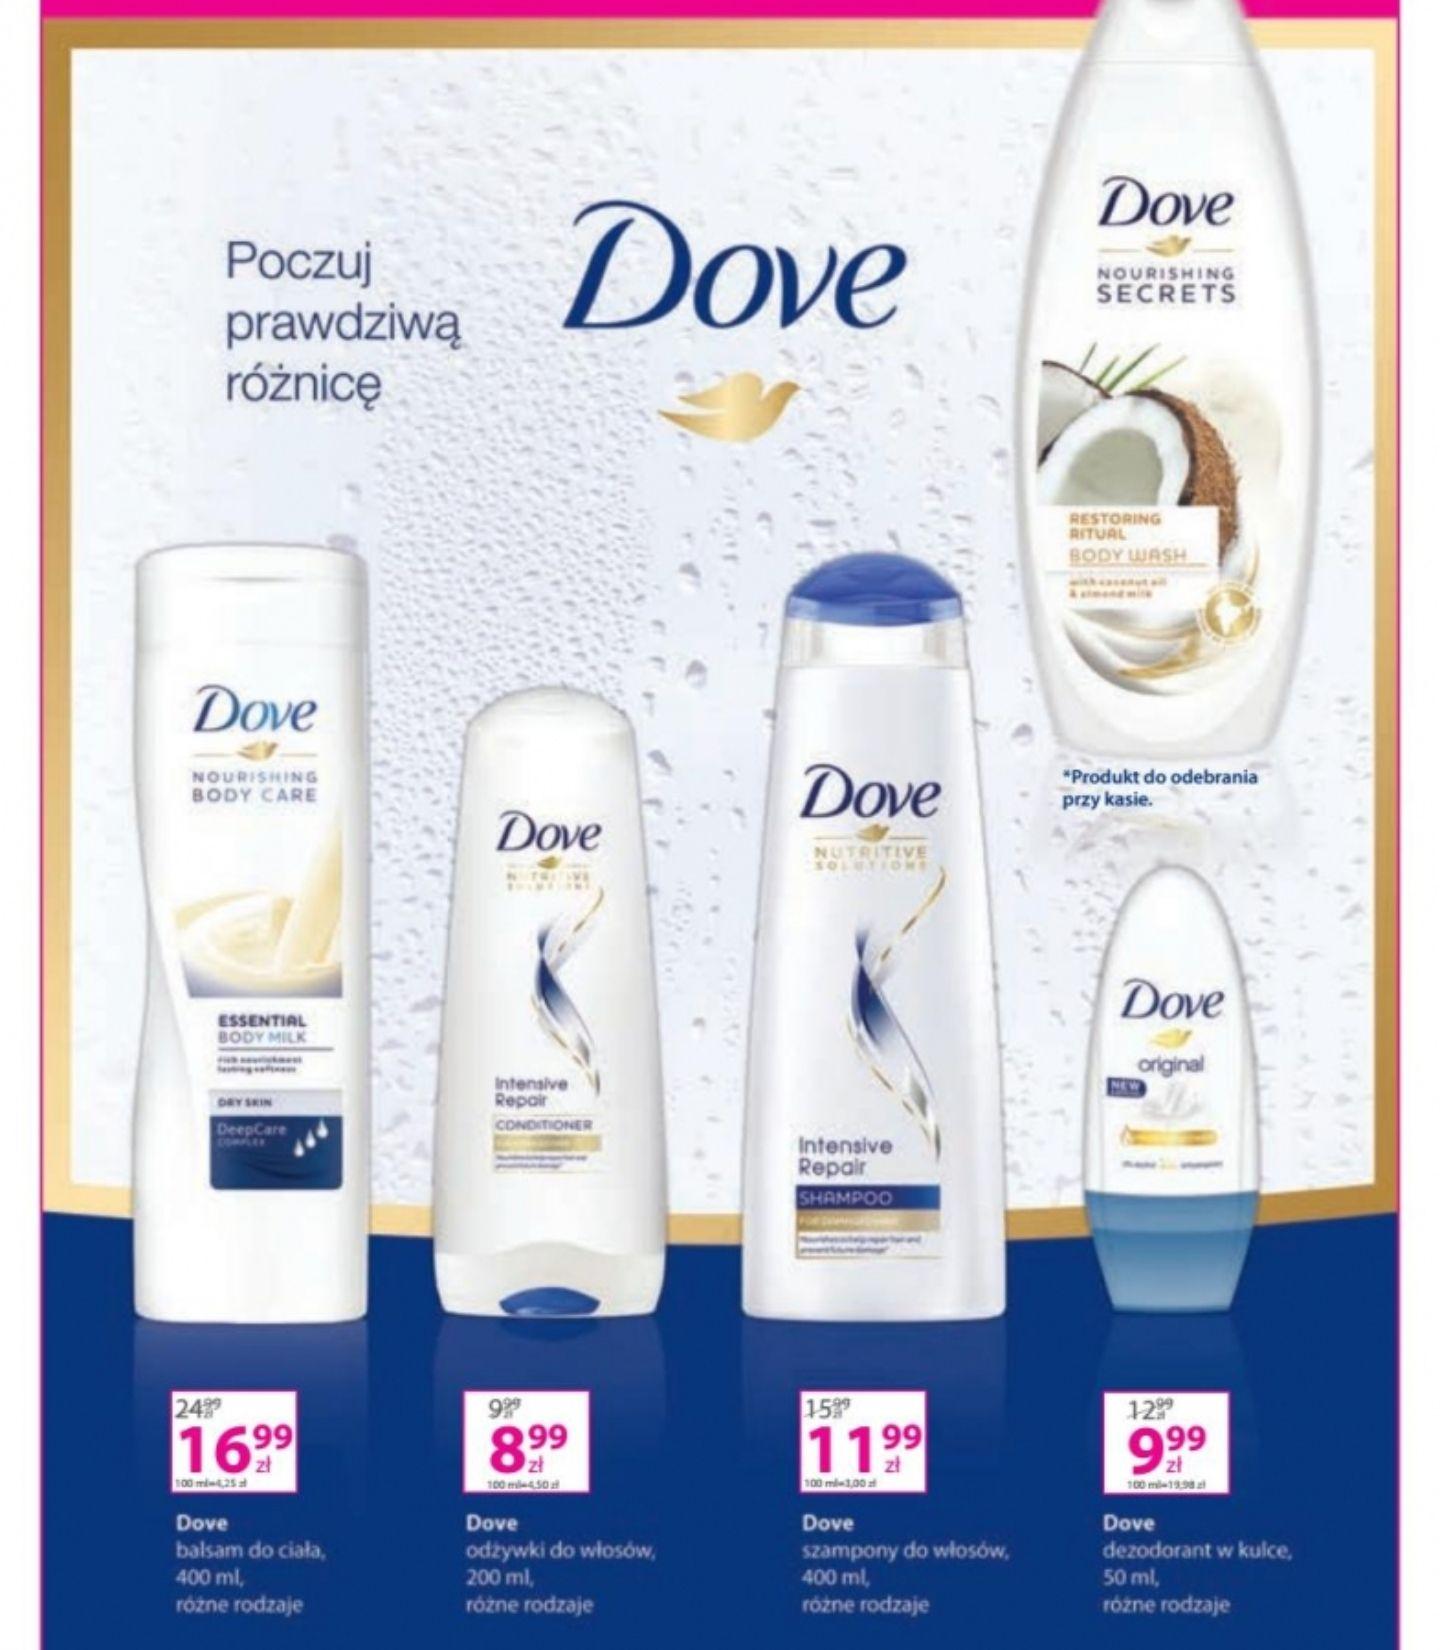 Kup w Hebe dowolne produkty Dove za minimum 20 zł a kokosowy żel otrzymasz gratis